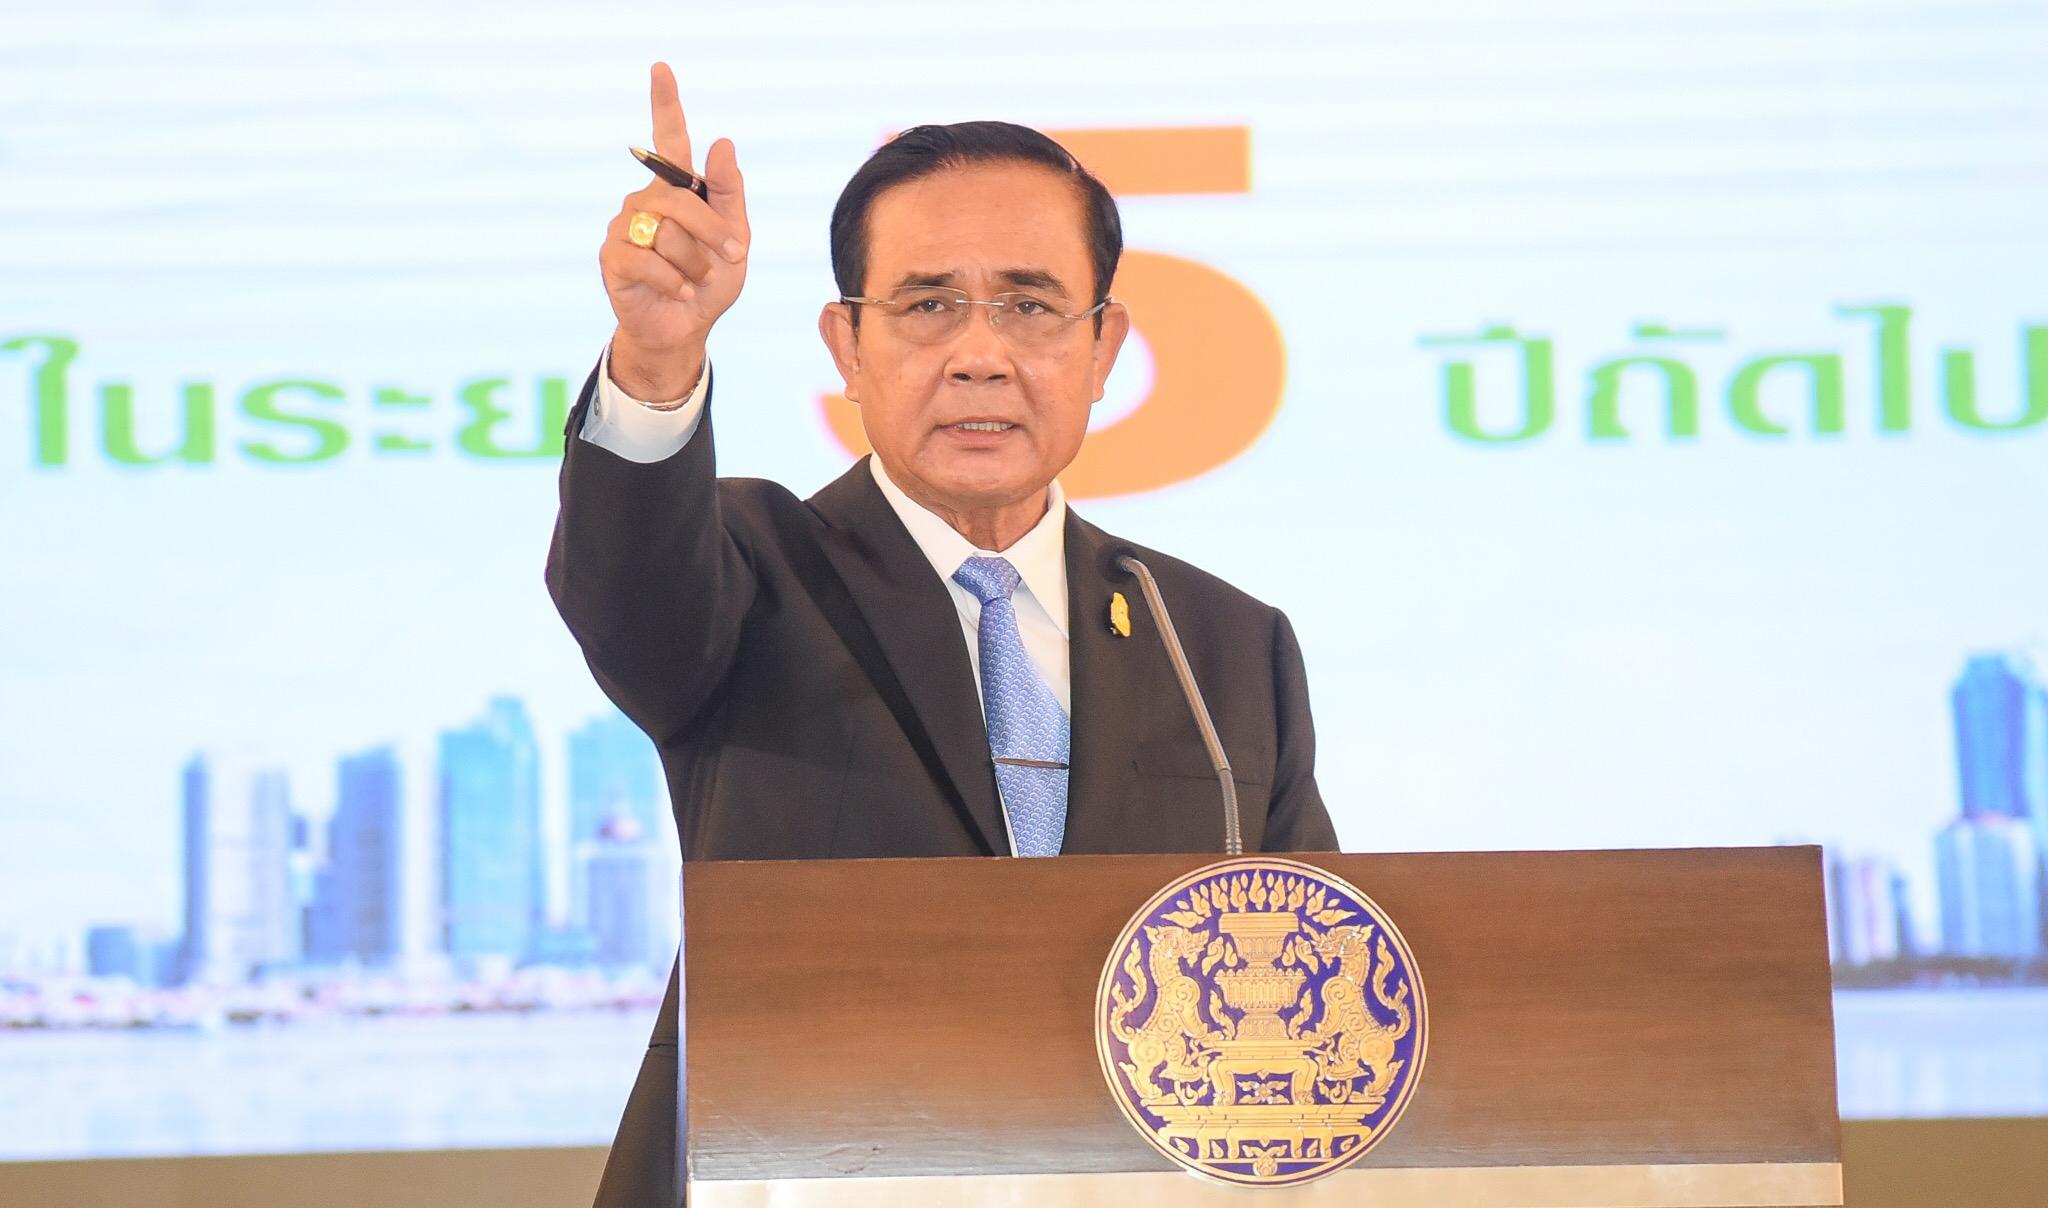 ข่าวนายกรัฐมนตรี ข่าวสดวันนี้ ประยุทธ์ จันทร์โอชา สว.